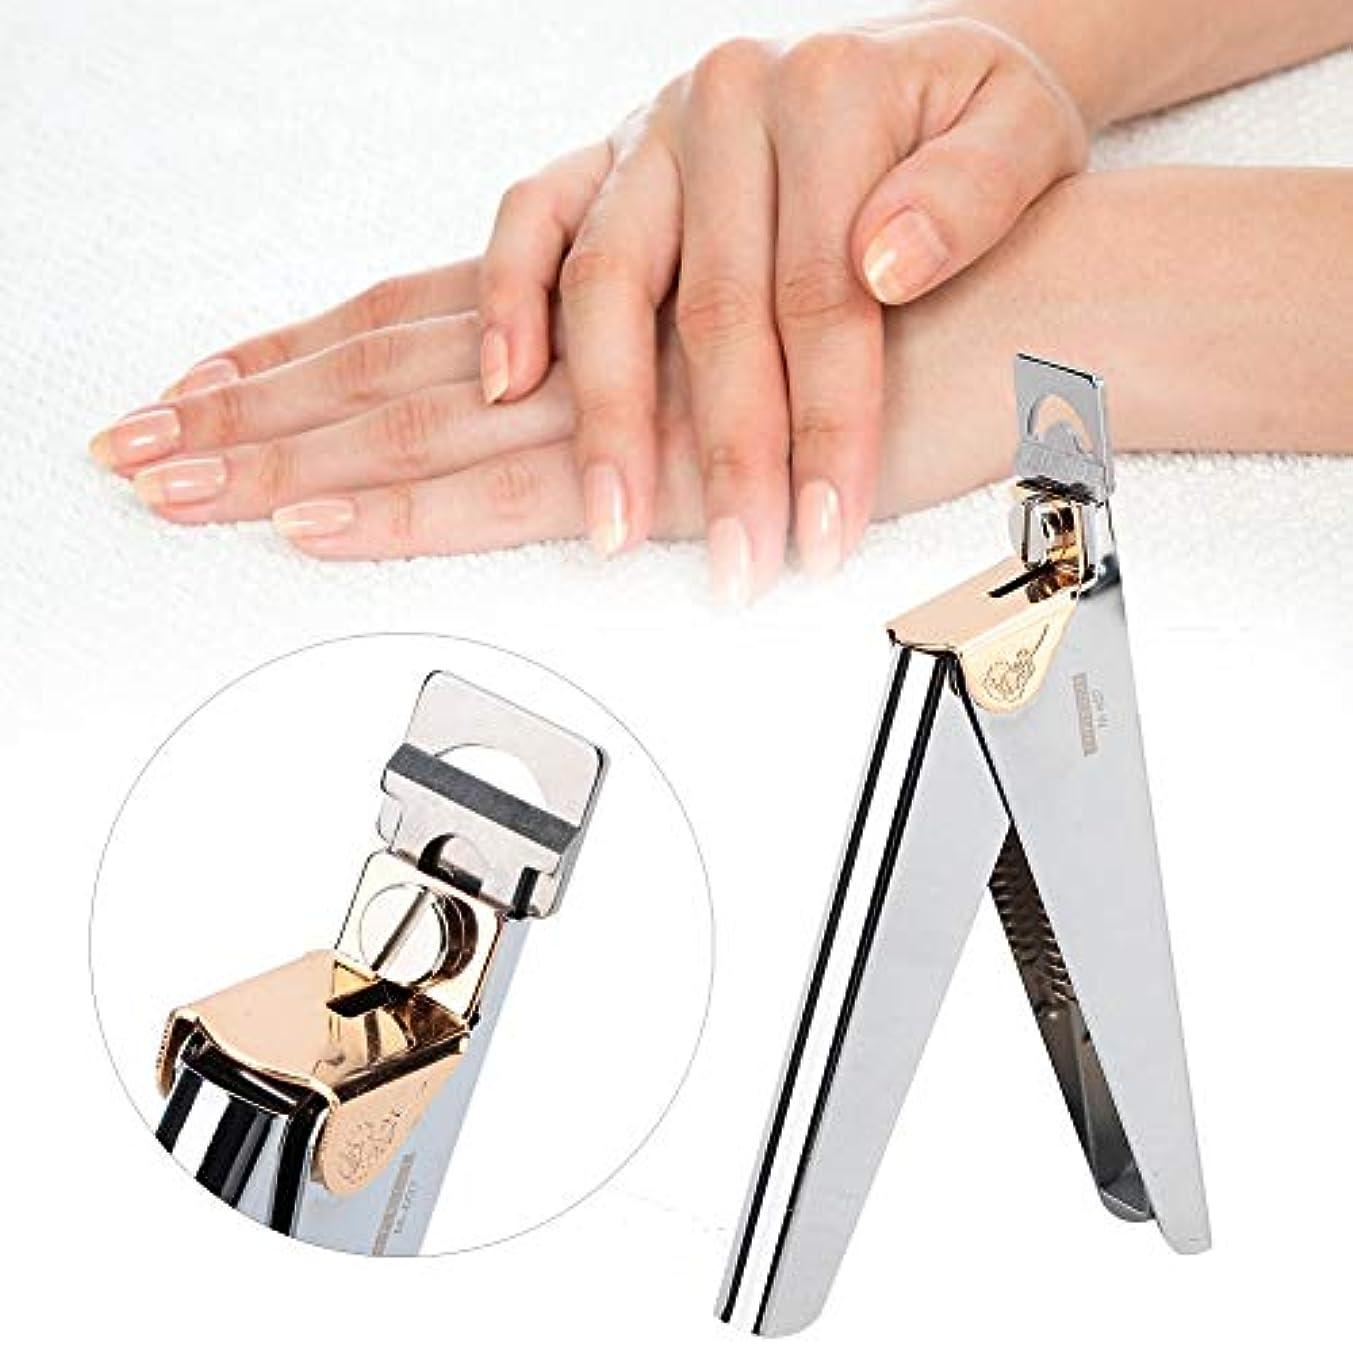 傷つきやすい罪人少数指爪 爪ケア ネイルチップクリッパーカッター フランス式 プロ U字型ネイルアートクリッパーはさみ - マニキュア偽ネイルチップカッター - ステンレス鋼